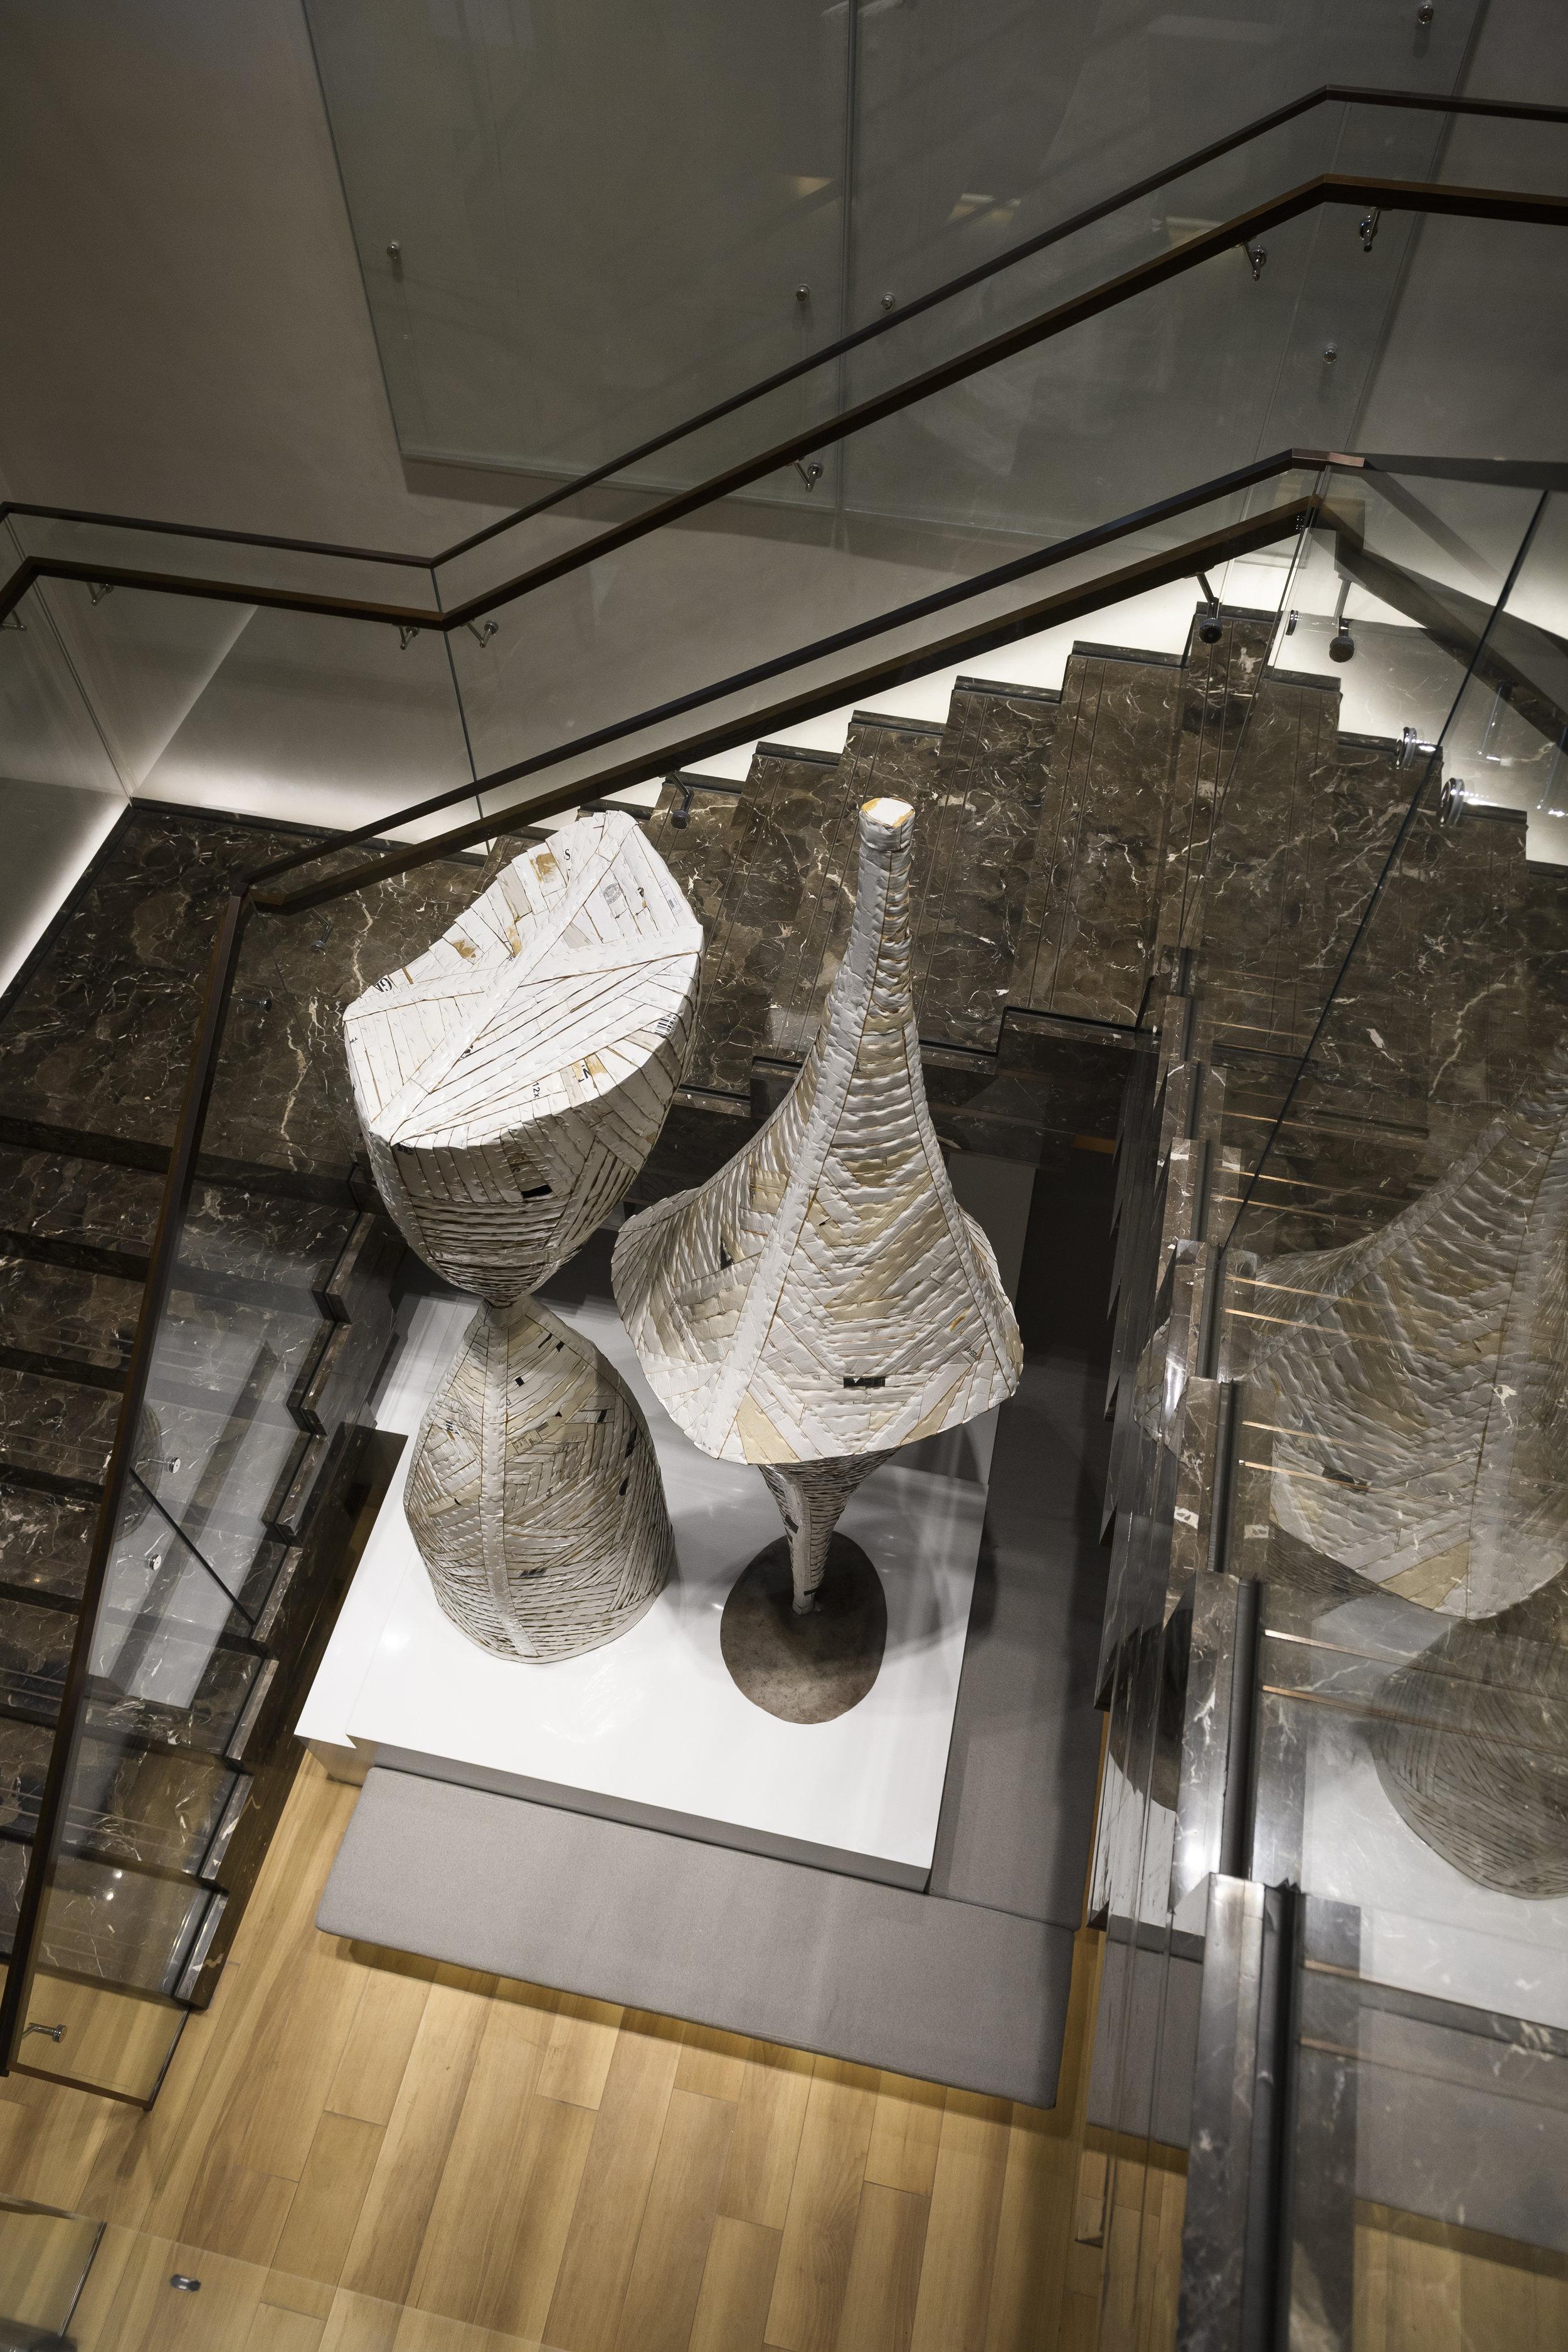 Top View: Sculptures